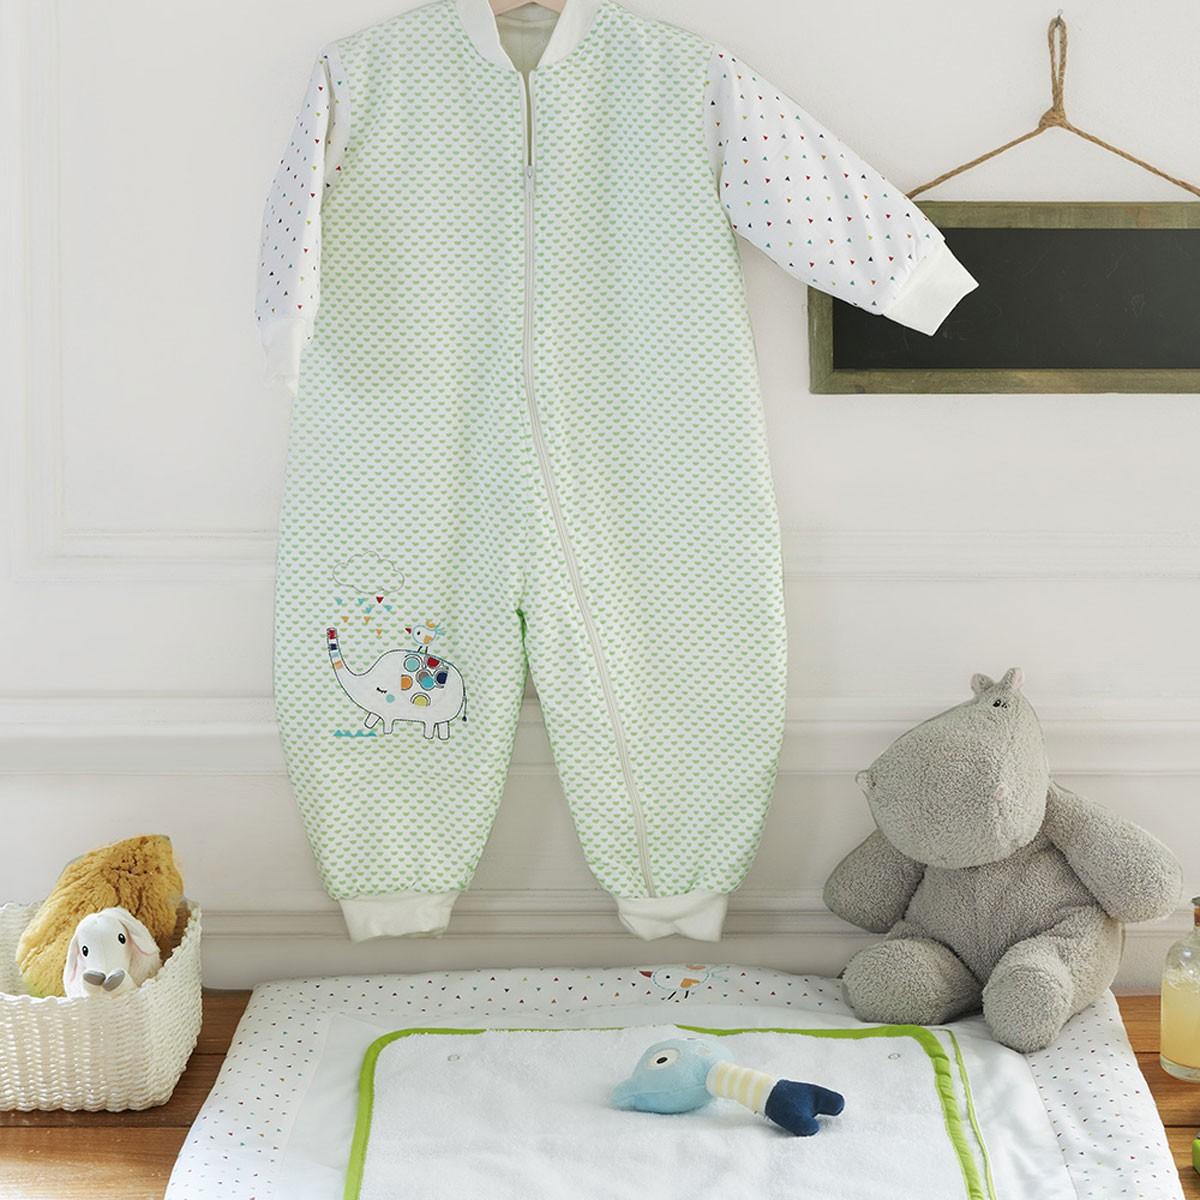 Υπνόσακος (12-24 μηνών) Kentia Baby Elephant home   βρεφικά   υπνόσακοι βρεφικοί